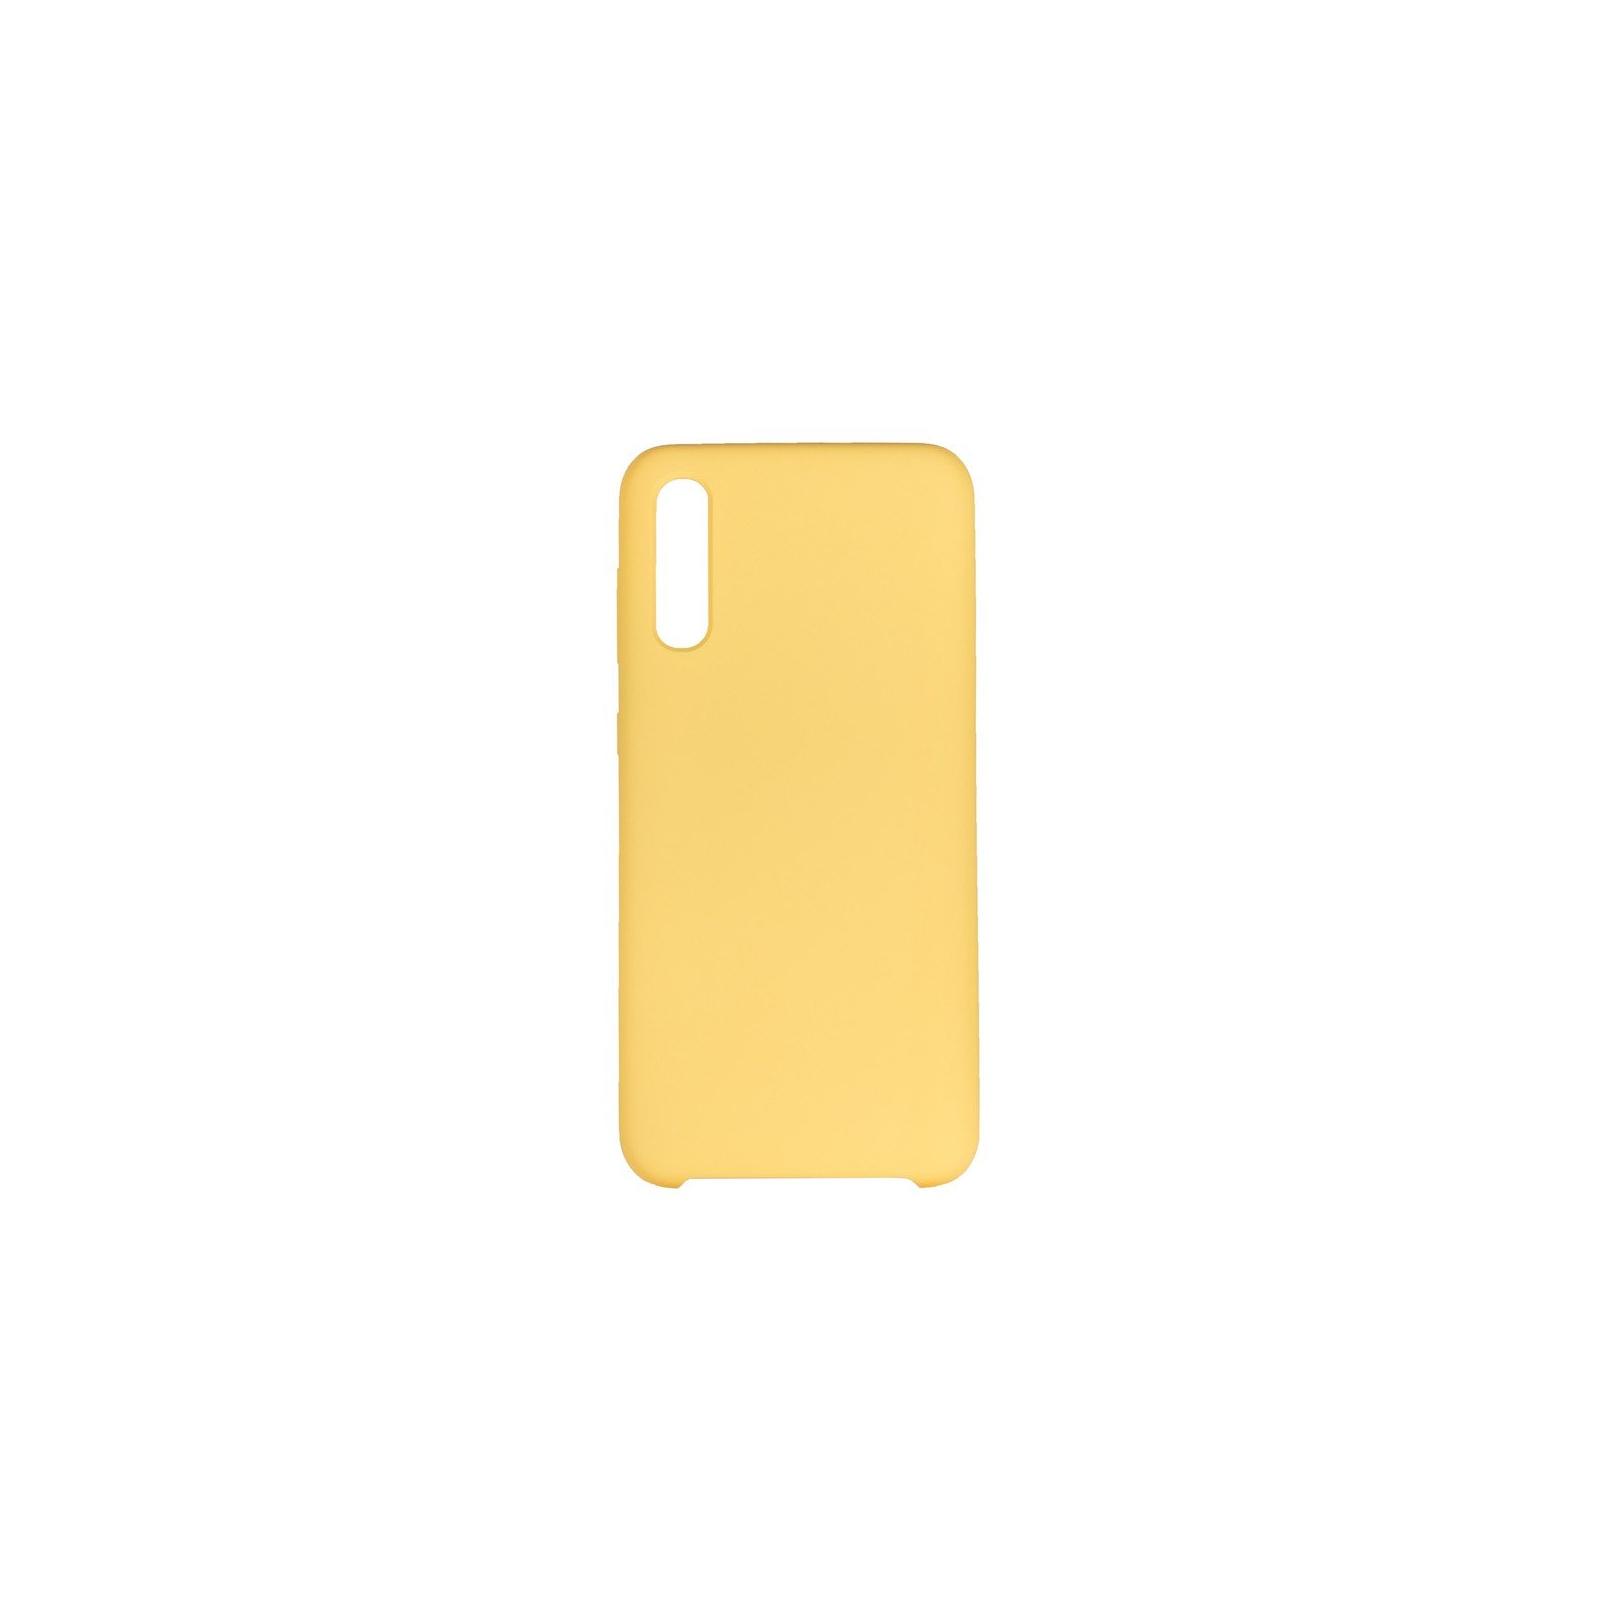 Чехол для моб. телефона ColorWay ColorWay Liquid Silicone для Samsung Galaxy A50 Yellow (CW-CLSSGA505-YL)